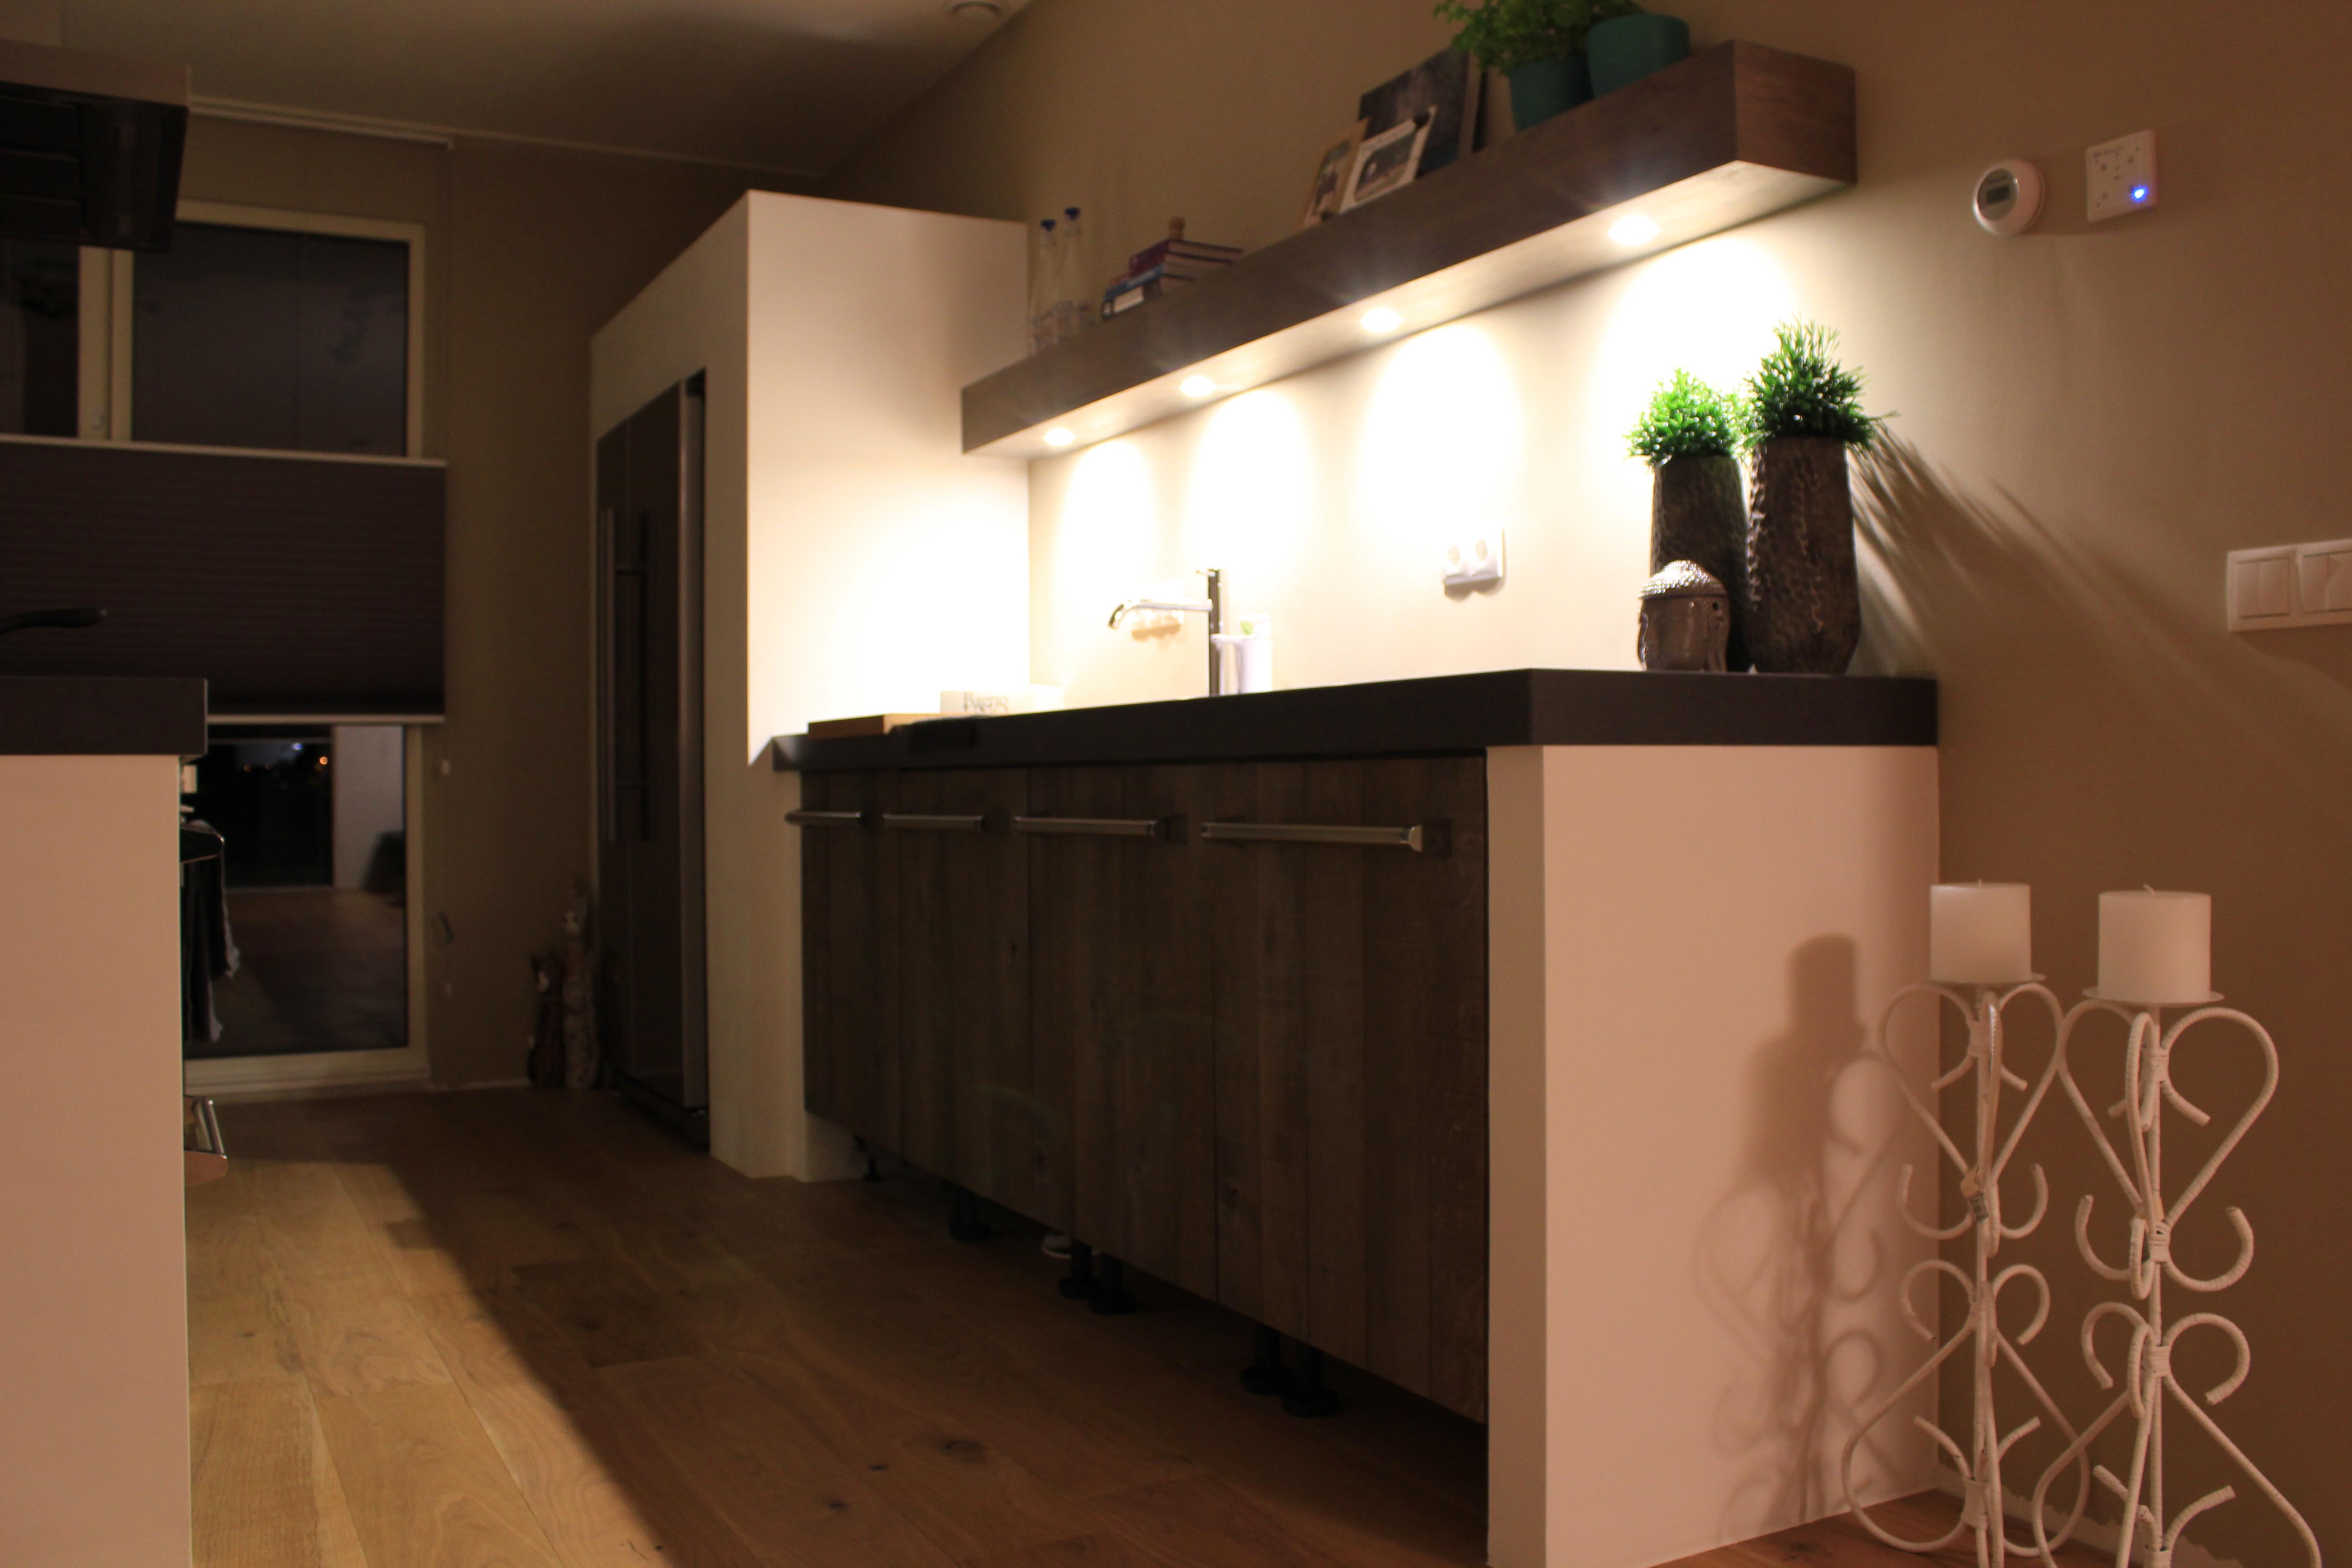 Keuken lange kant